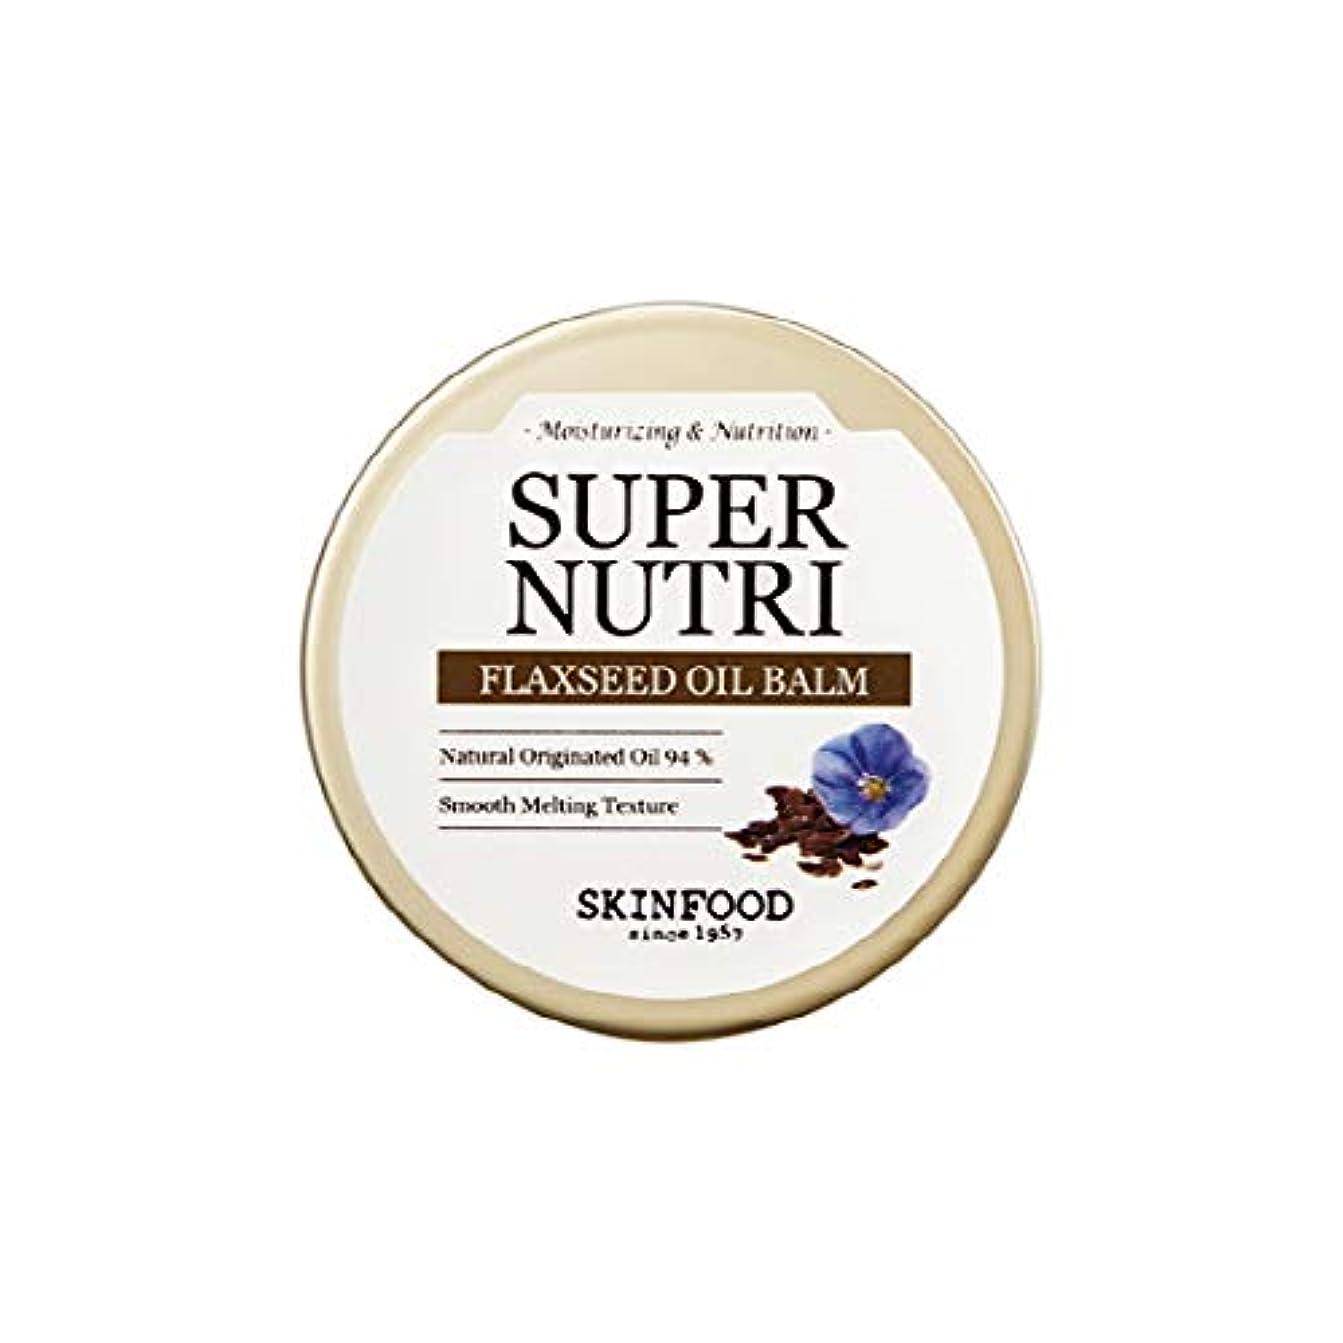 大胆湖呼吸Skinfood スーパーニュートリフラックスシードオイルバーム/SUPER NUTRI FLAXSEED OIL BALM 20g [並行輸入品]